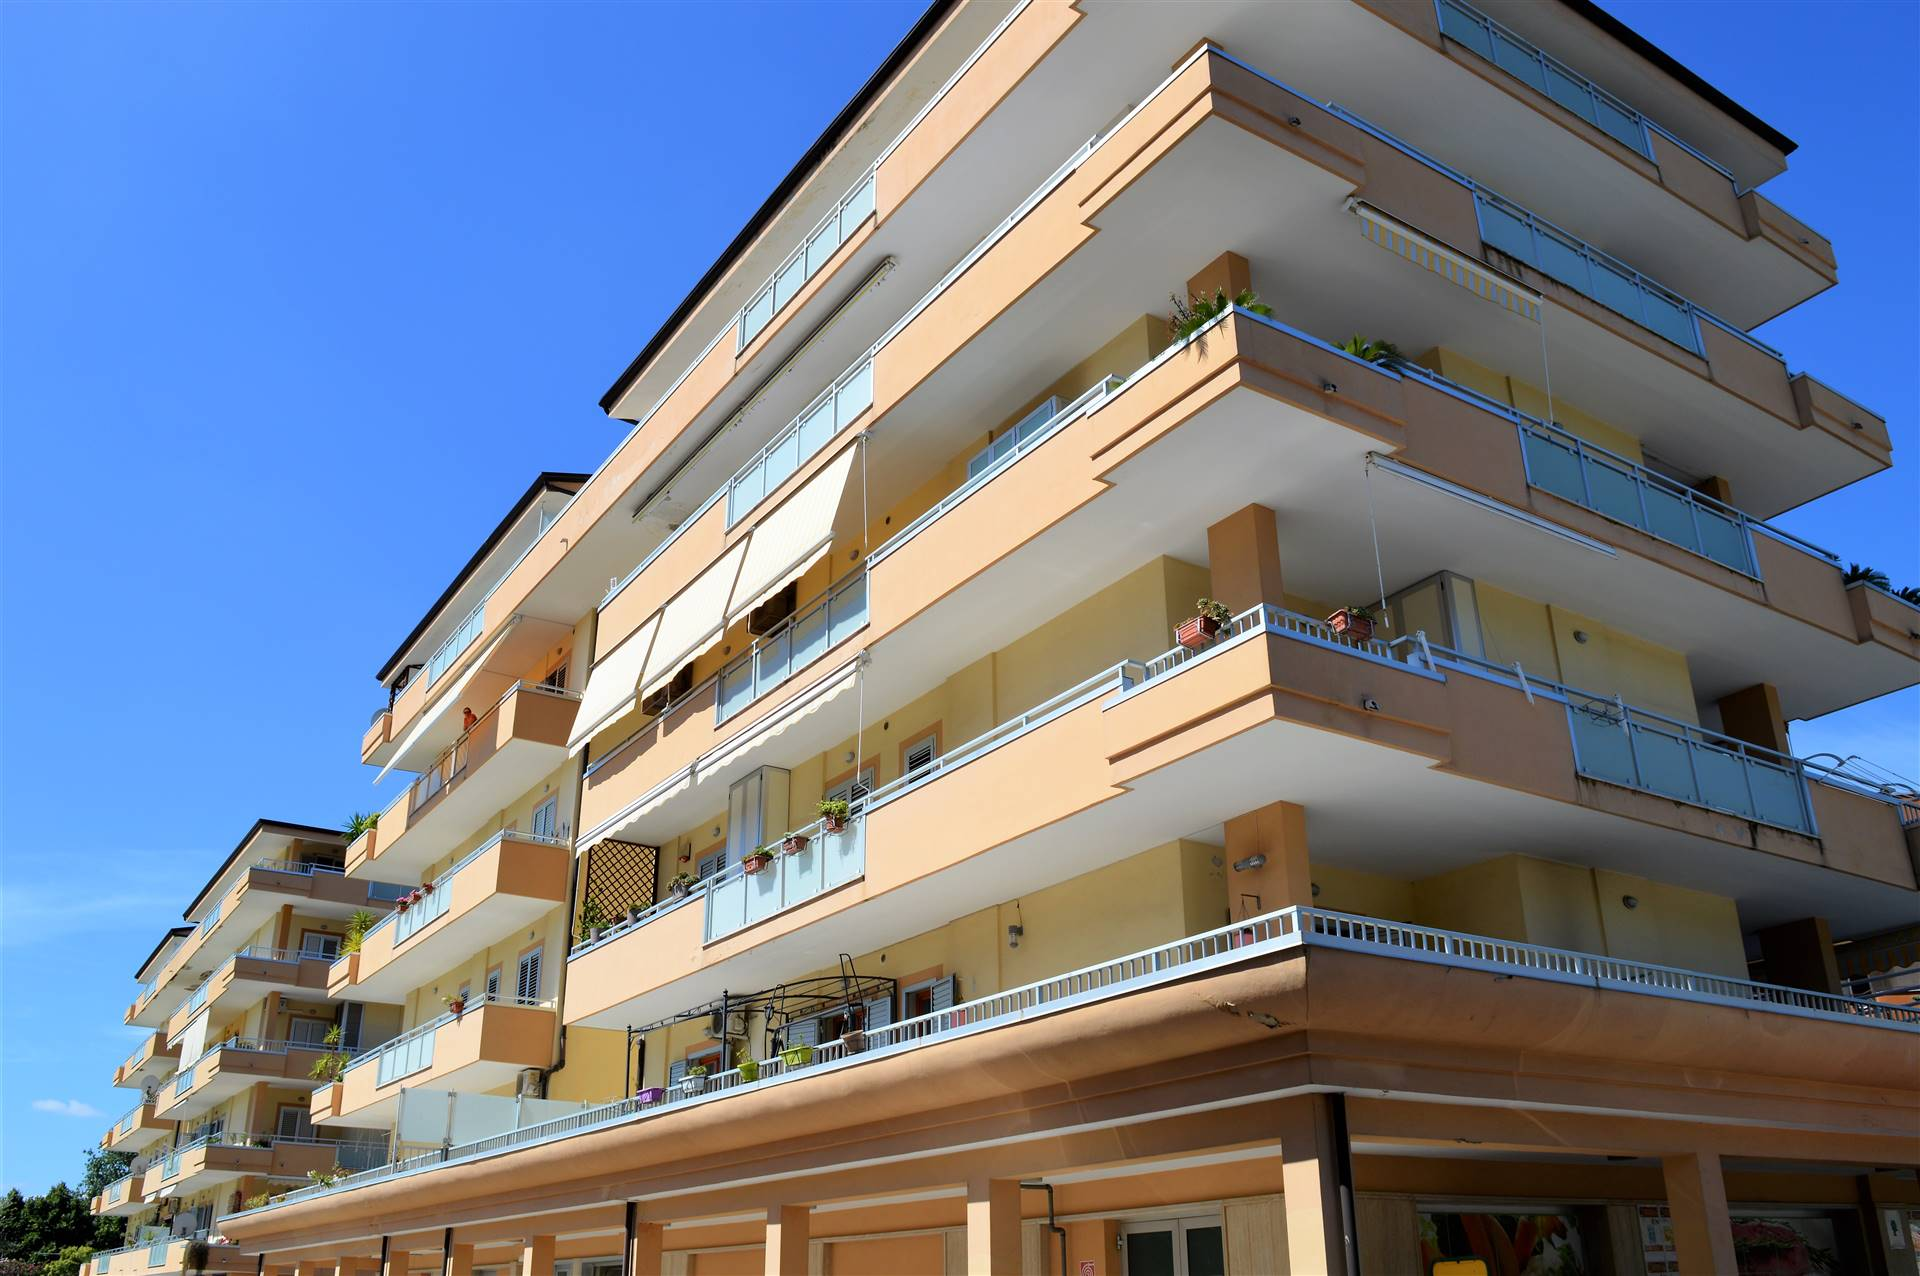 AF868-Appartamento-SANTA-MARIA-CAPUA-VETERE-Viale-Eugenio-della-Valle